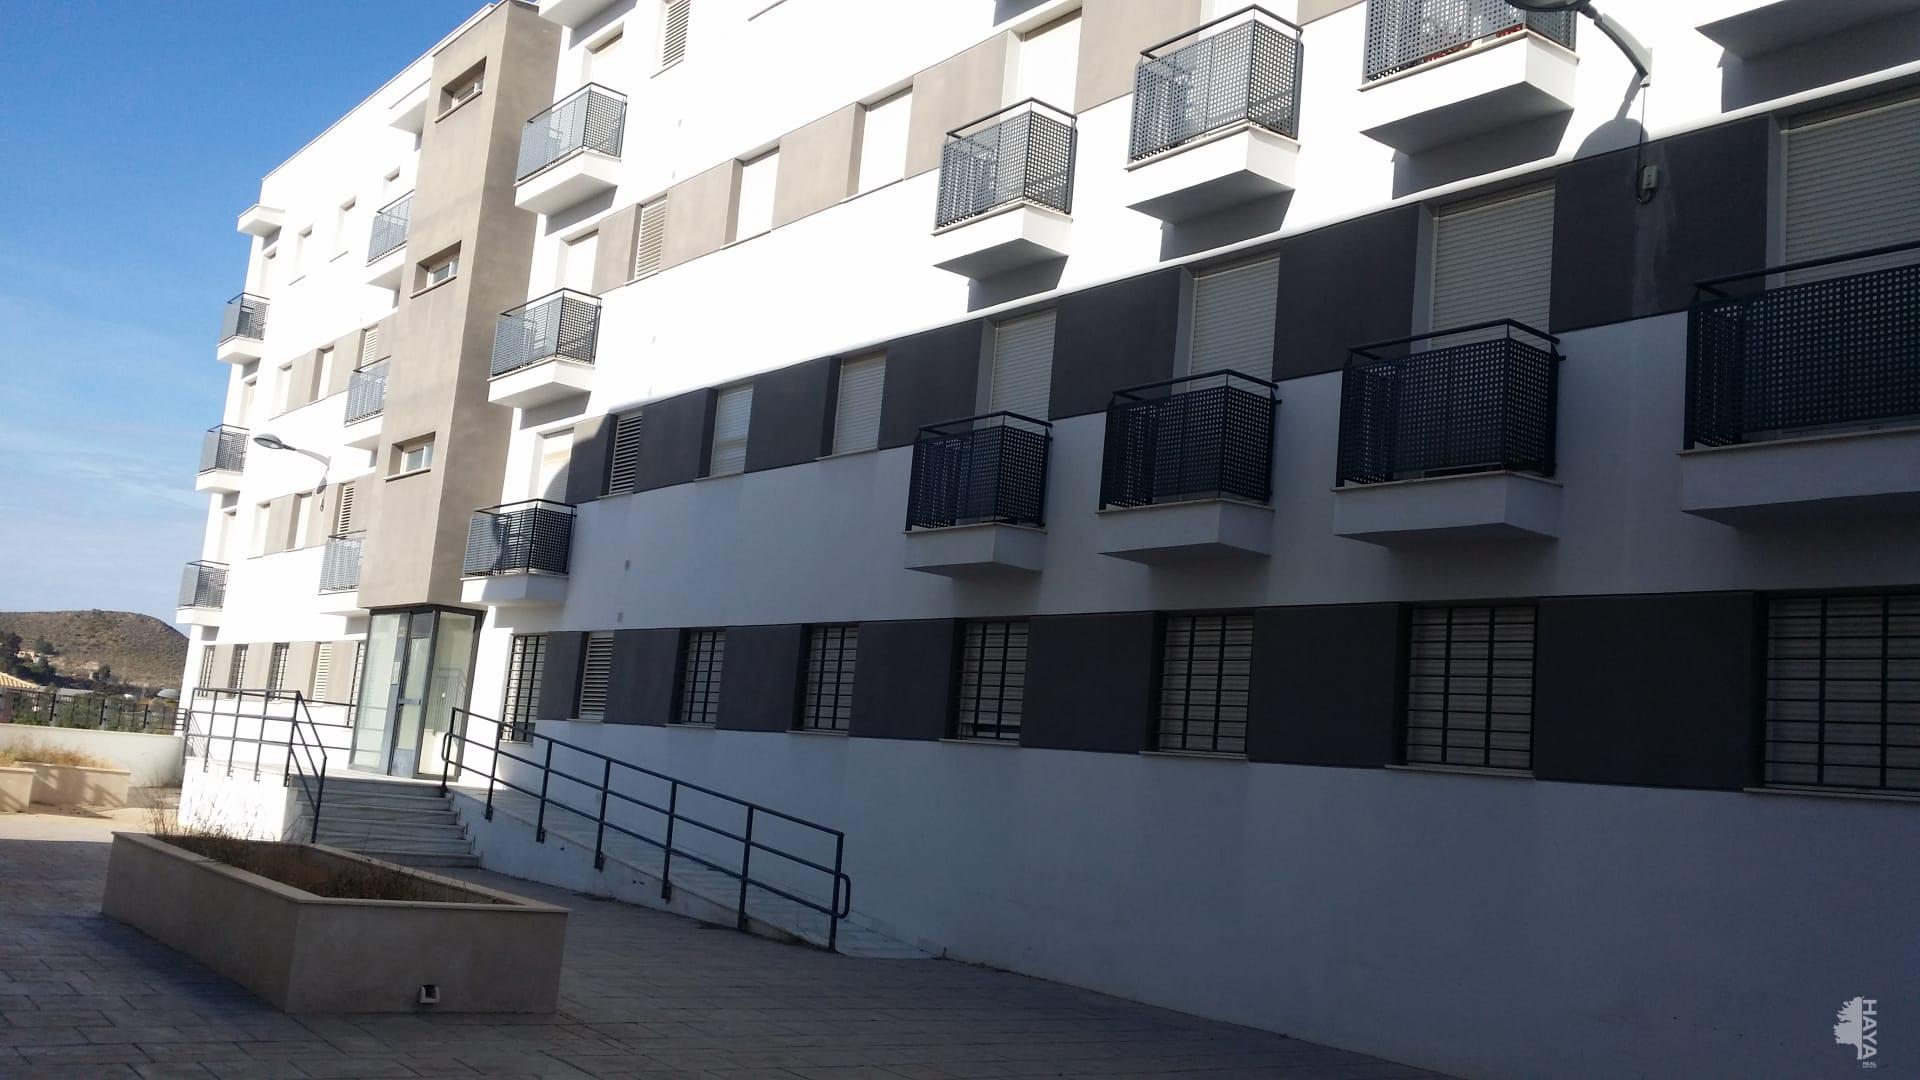 Piso en venta en Huitar Mayor, Olula del Río, Almería, Calle Alta, 83.300 €, 3 habitaciones, 1 baño, 101 m2